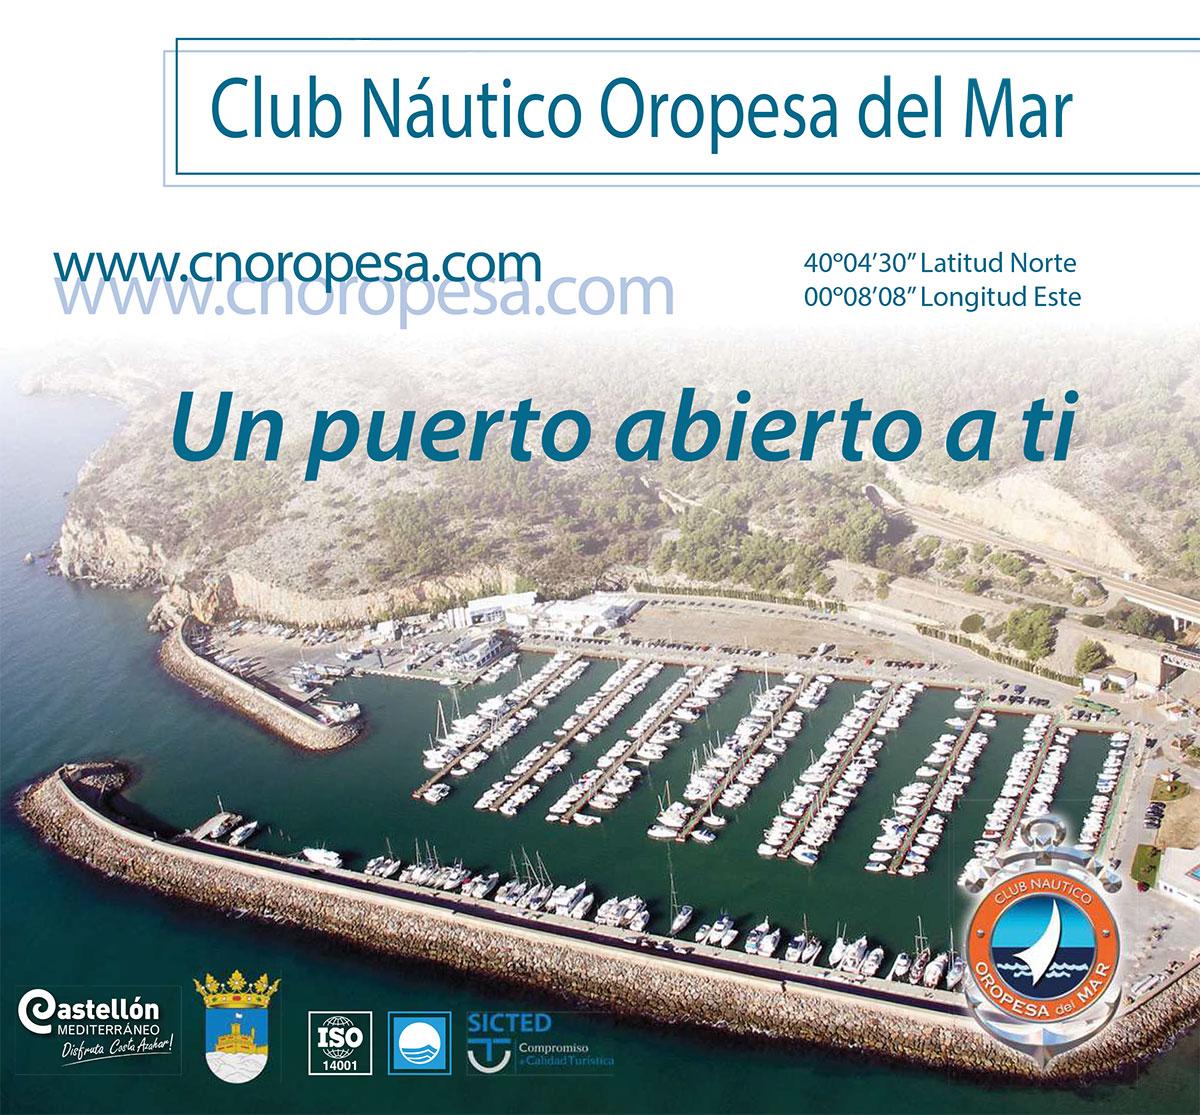 Nou tríptic sobre tots els serveis del Club Nàutic d'Orpesa